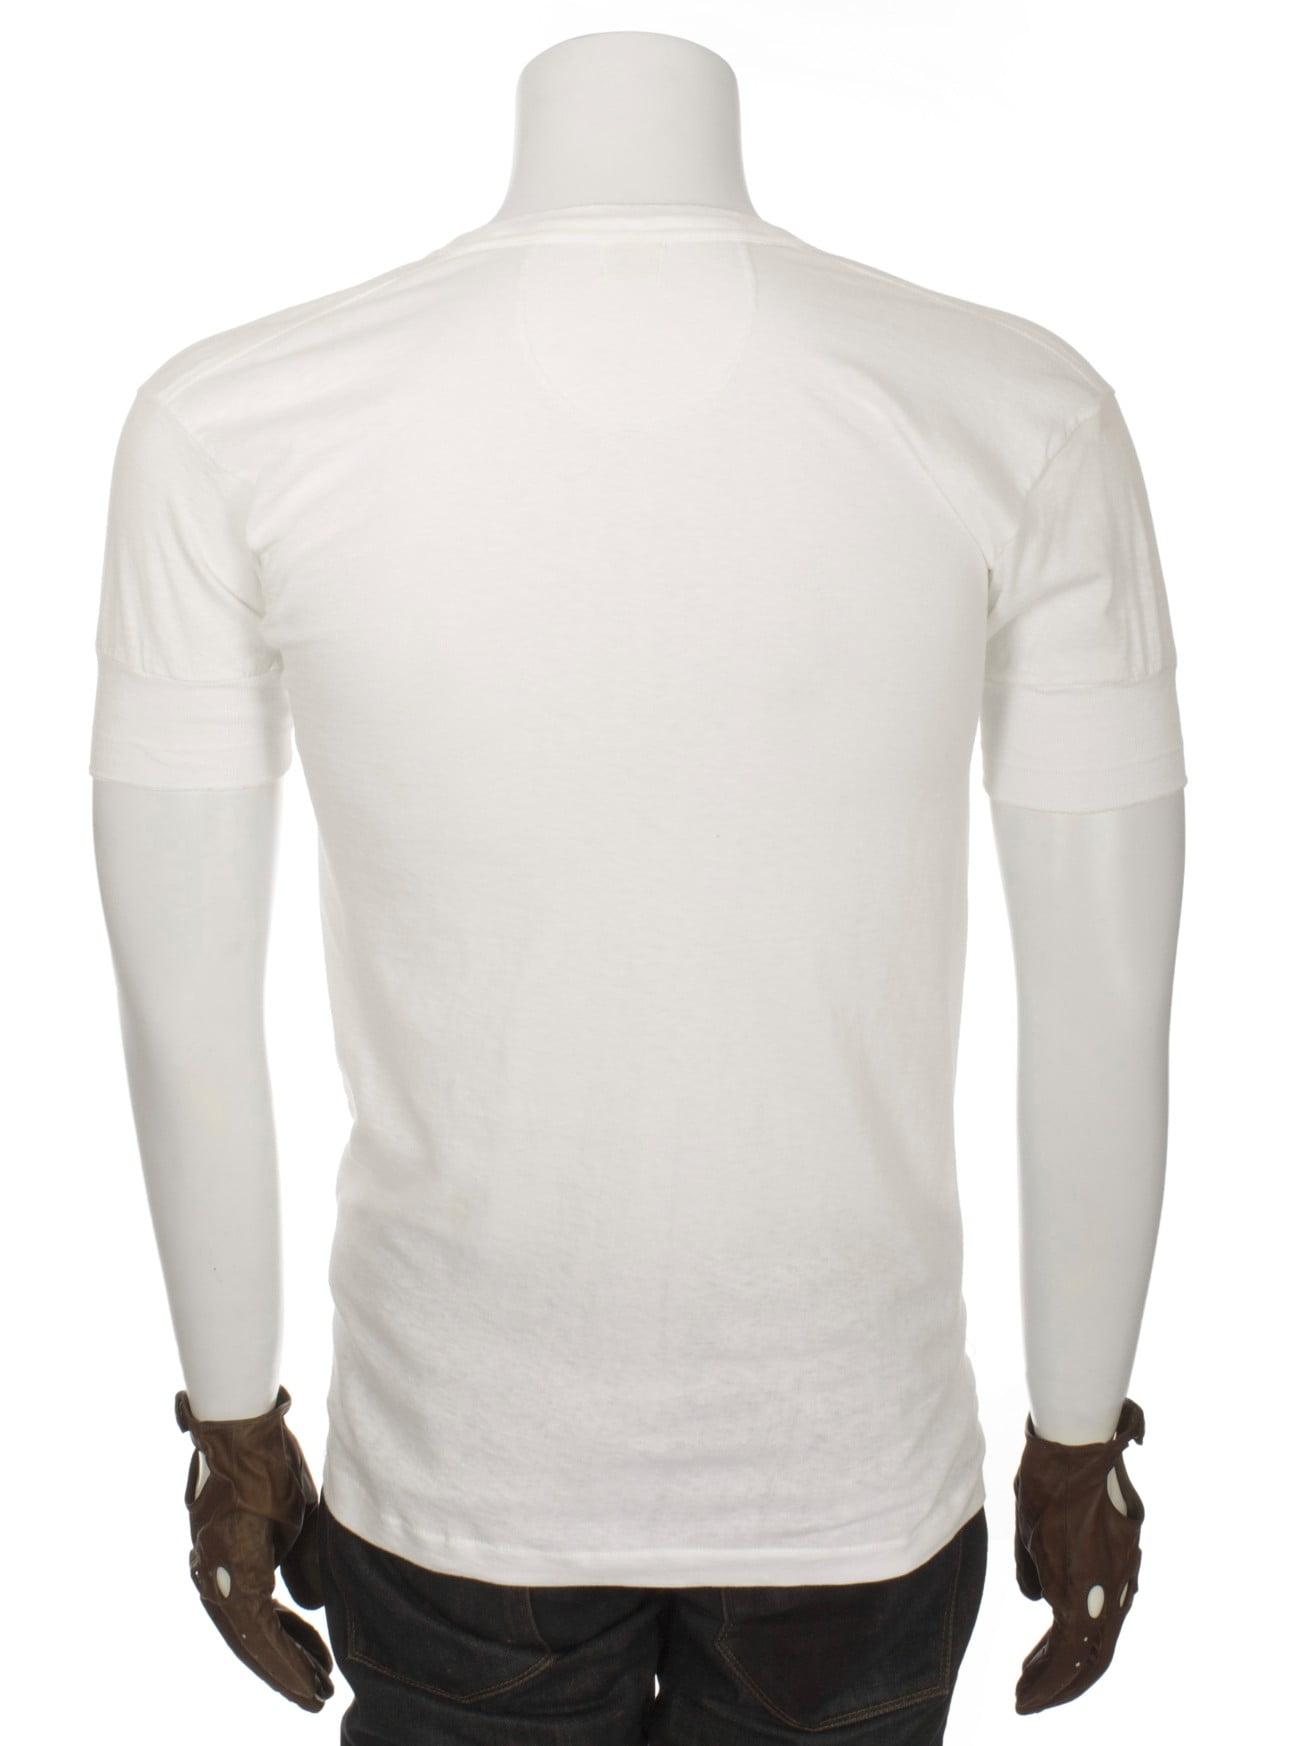 A photo of a Henley shirt.